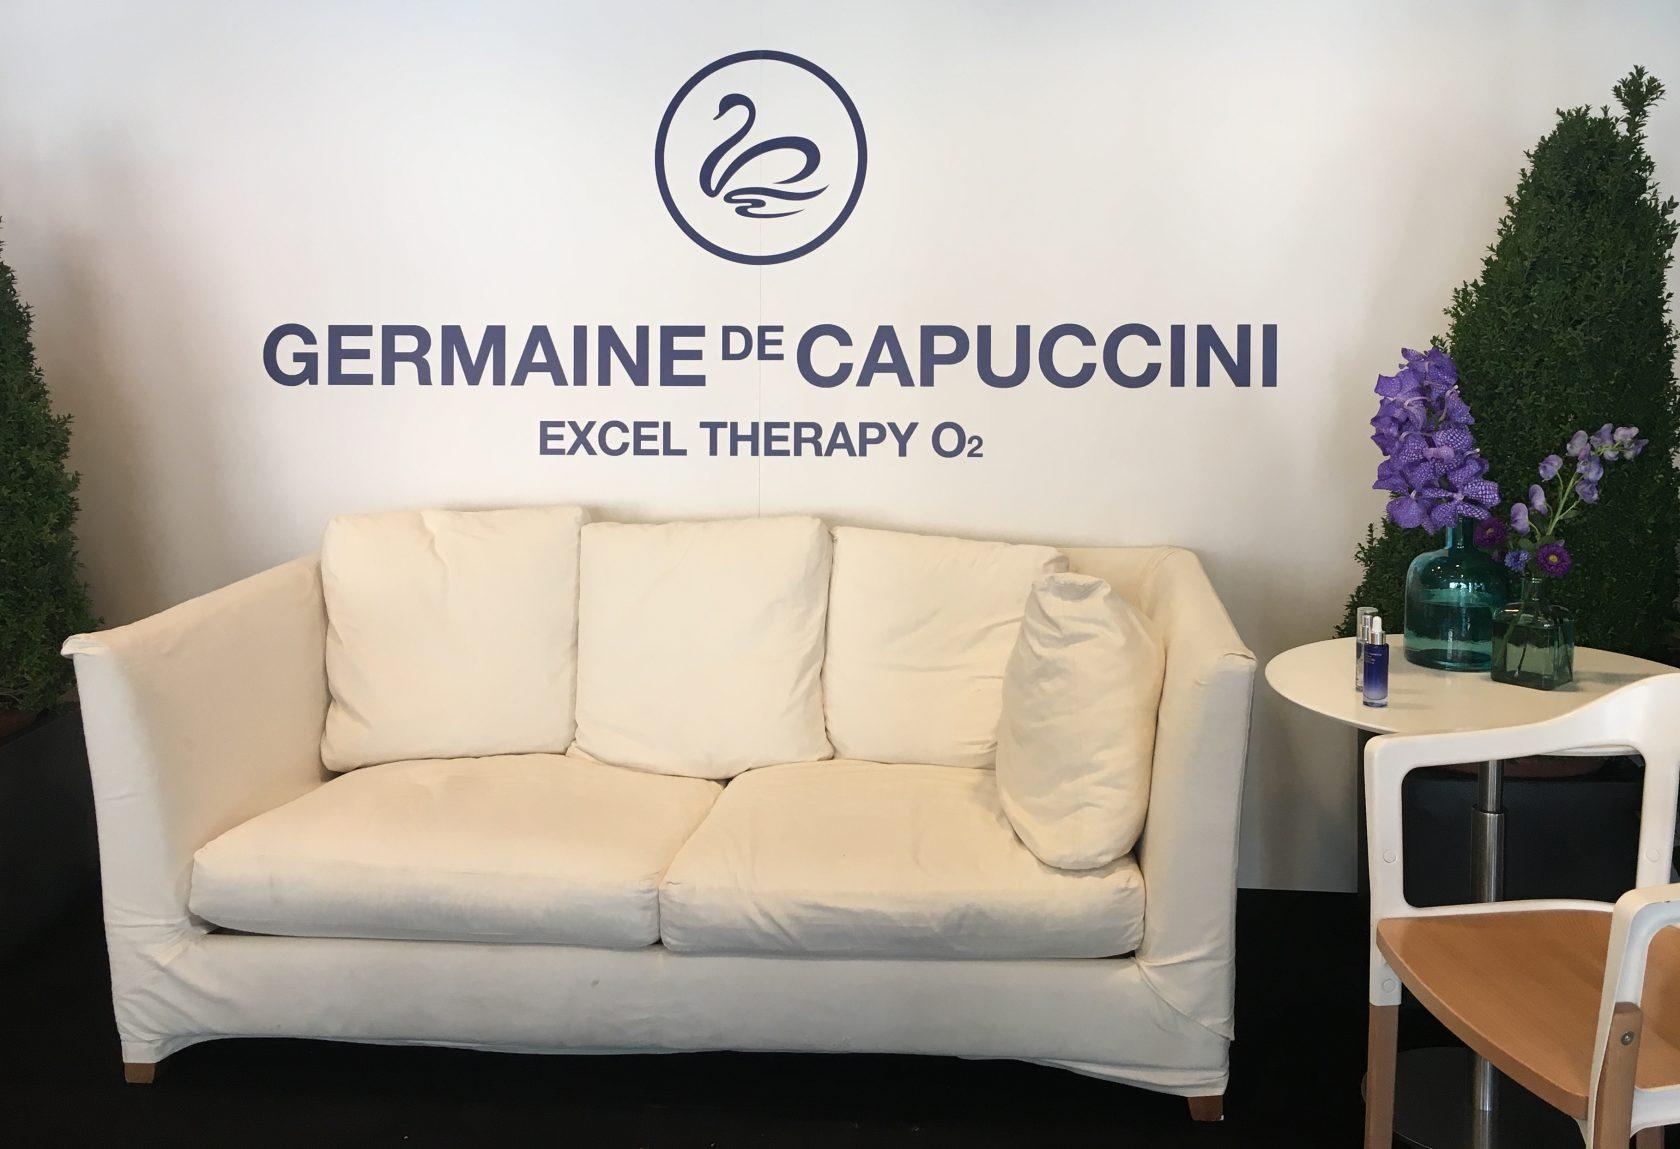 Germaine-de-capuccini-presenta-dos-nuevos-productos